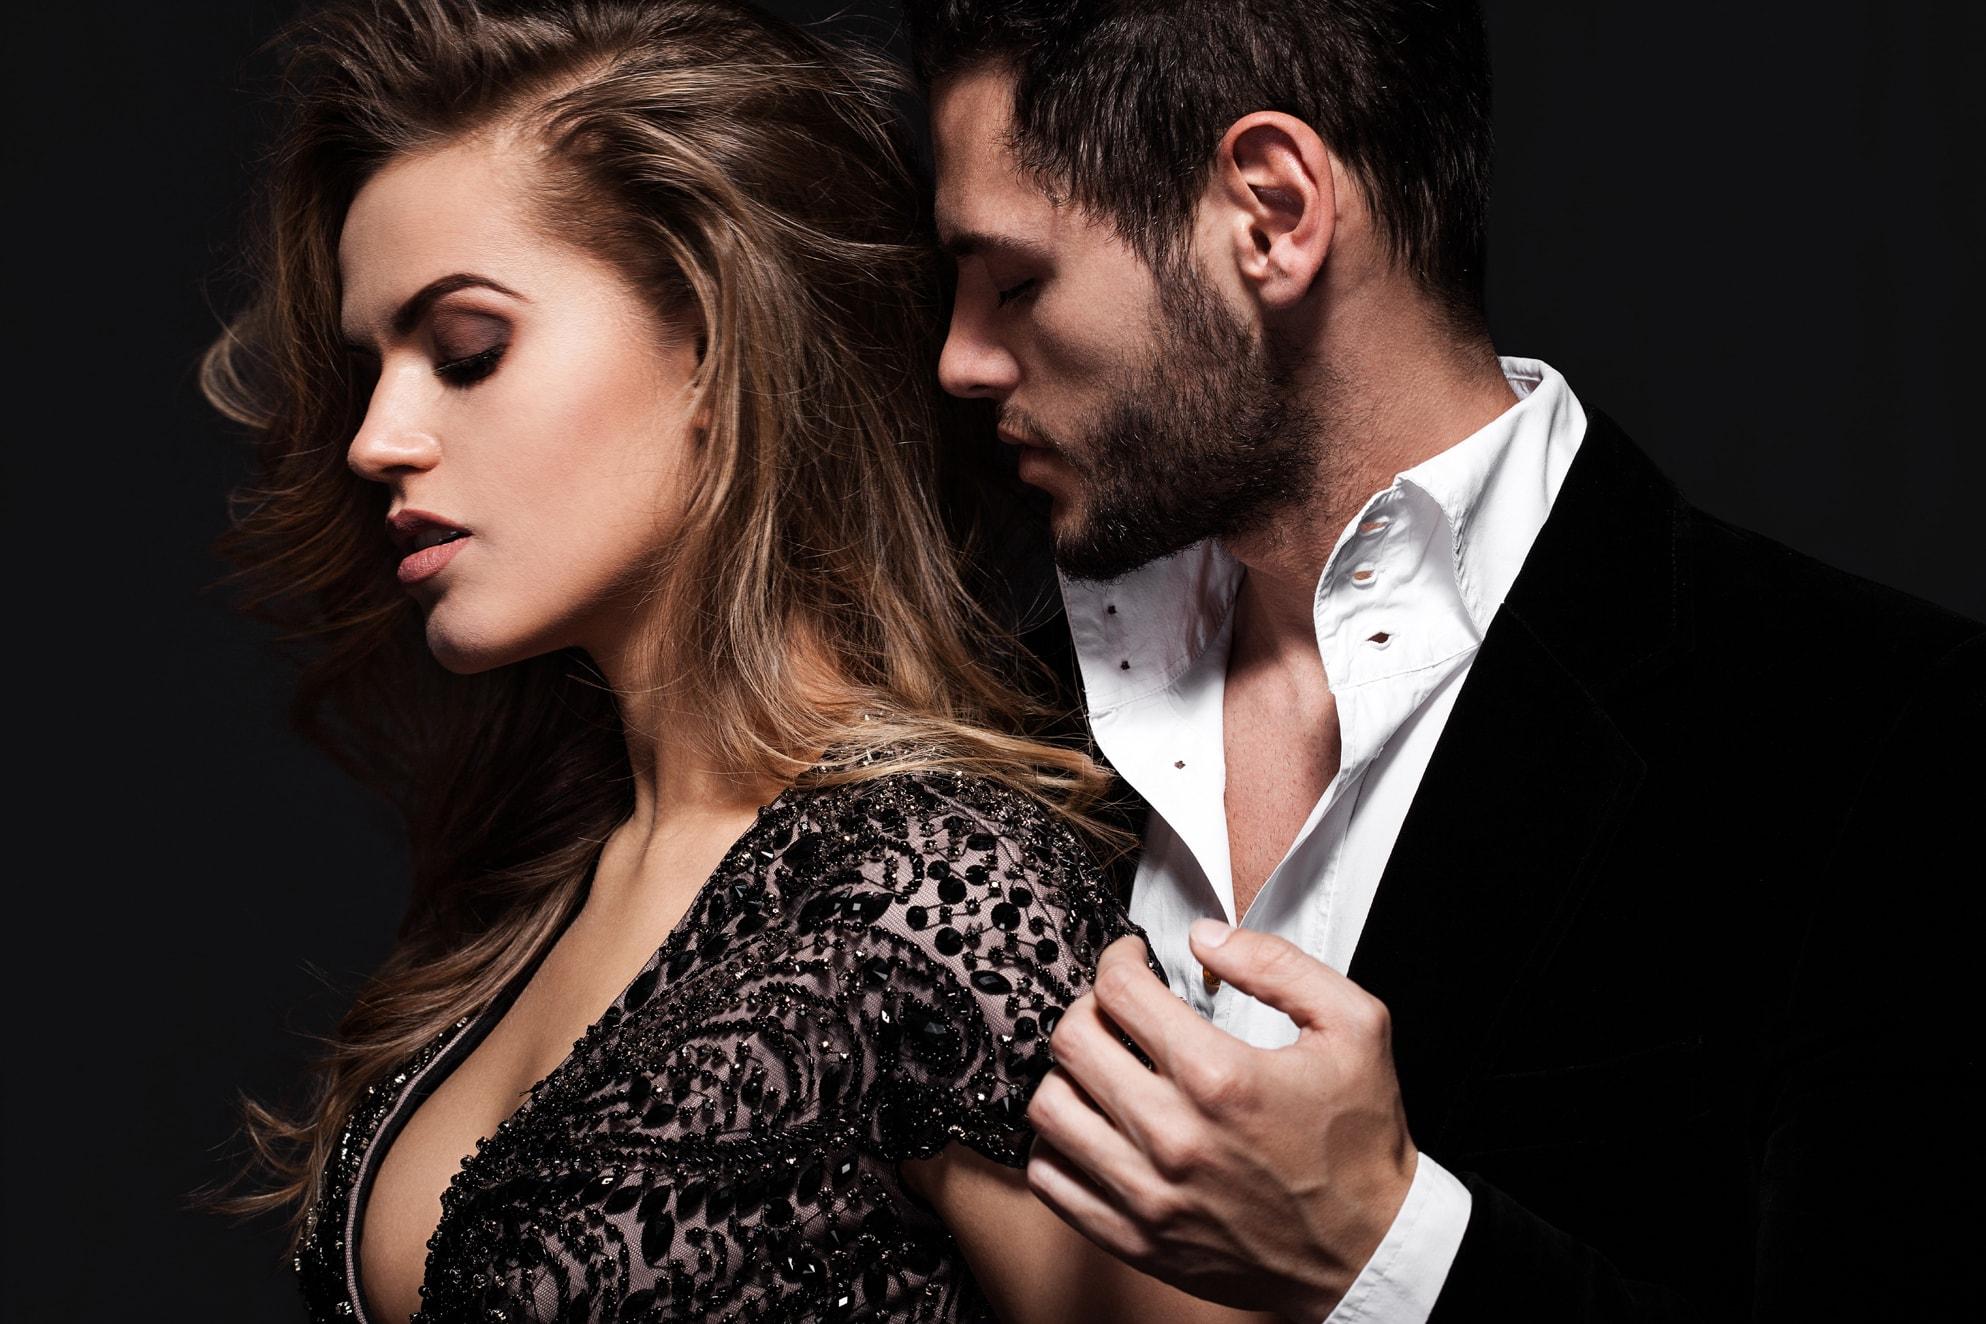 Мужчина и женщина в одном лице фото видео смотреть, эротика и голые фото французски